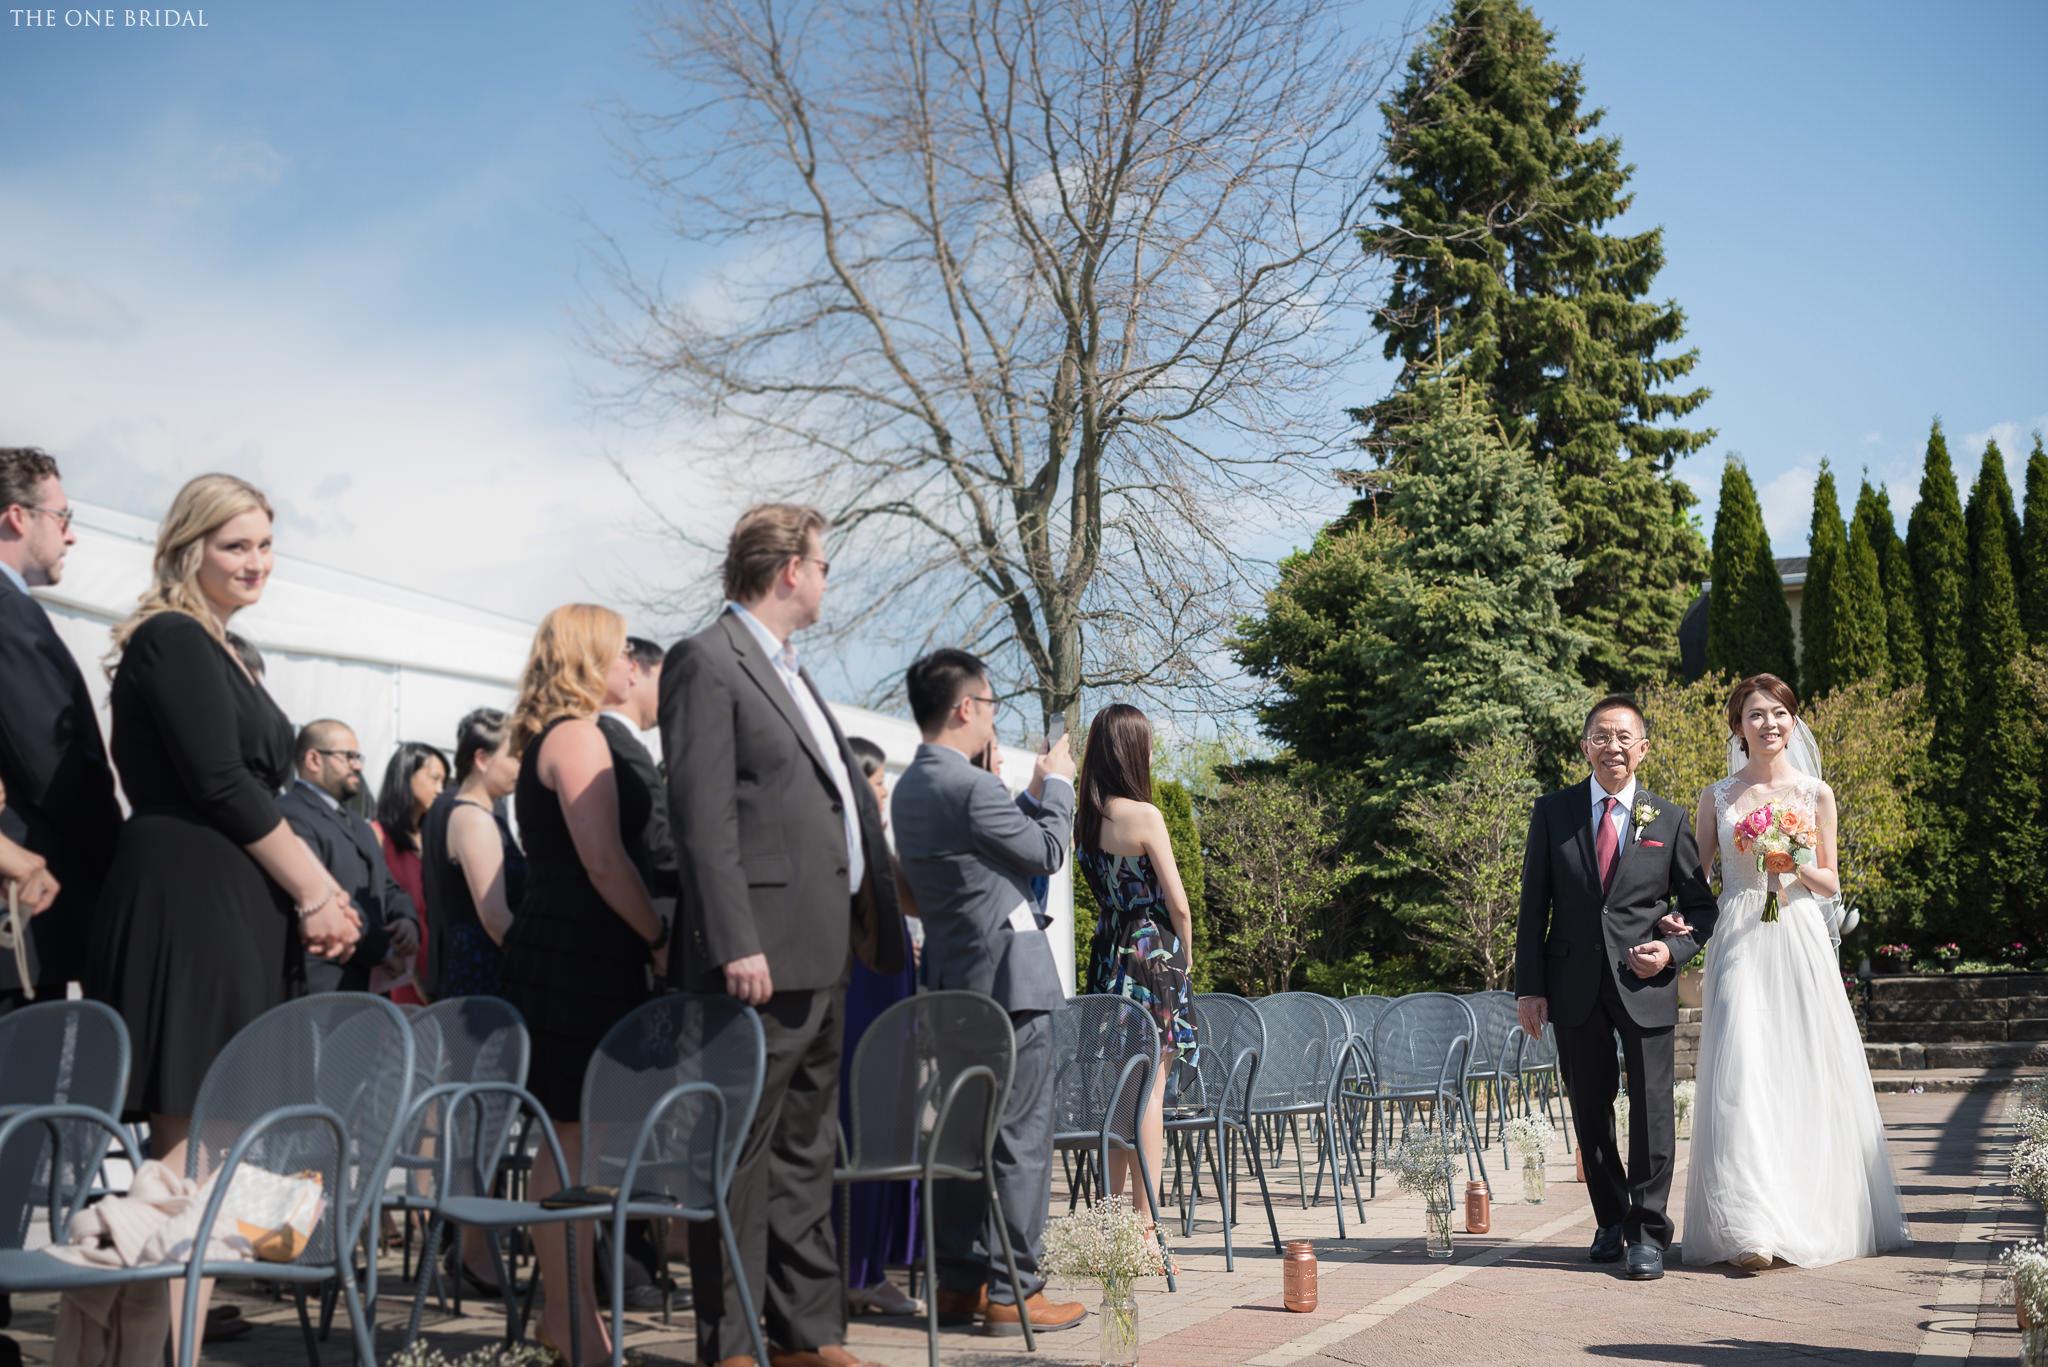 mandarin-golf-club-wedding-markham-the-one-bridal-033